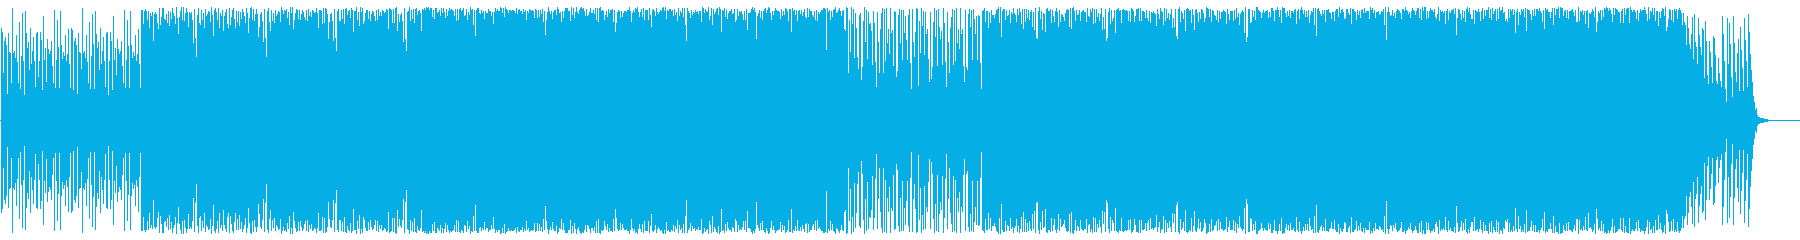 緩やかでクールなピアノテクノビートポップの再生済みの波形